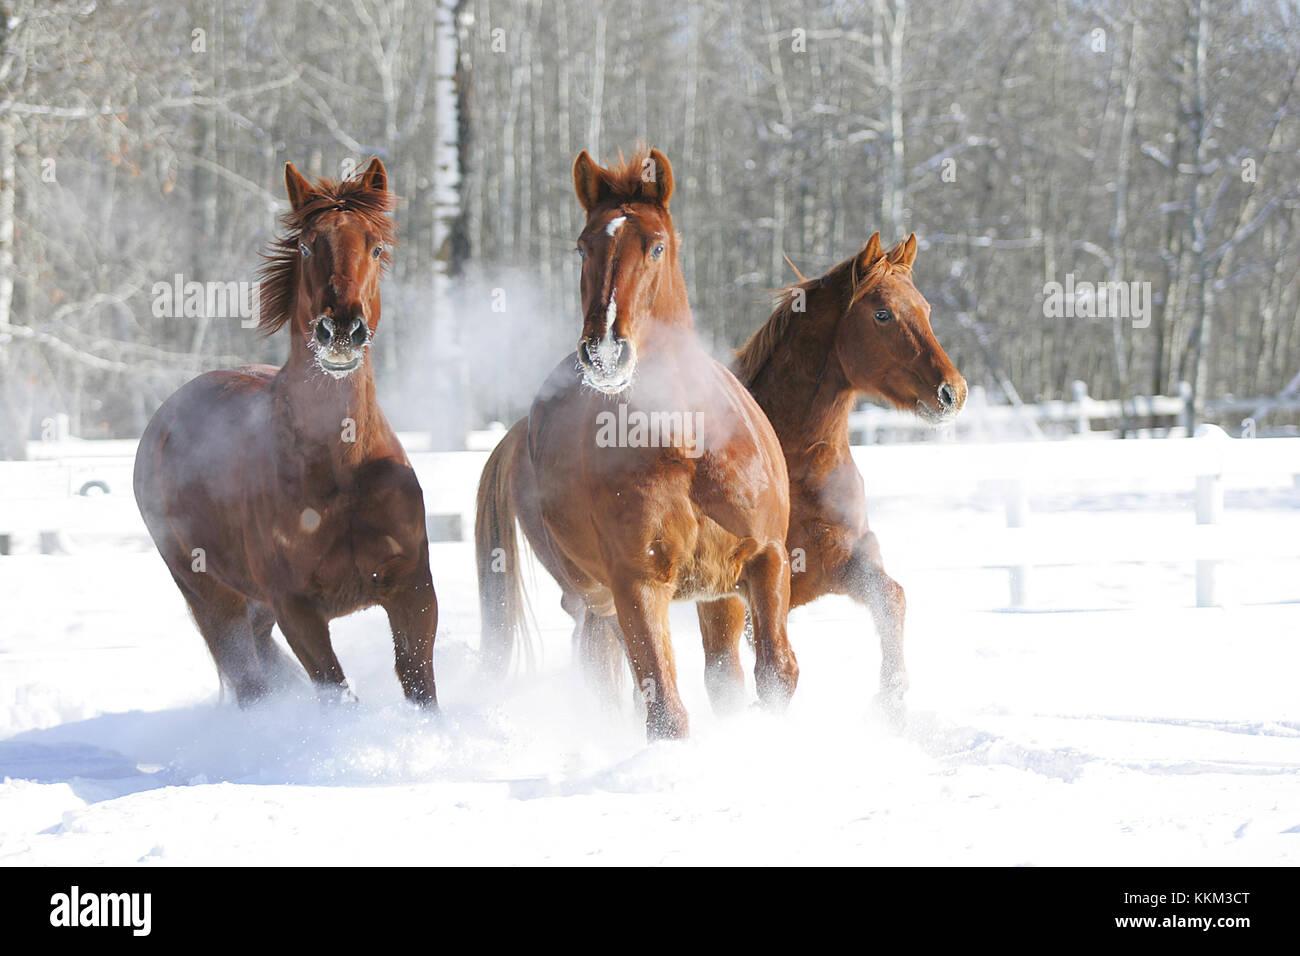 Oldenburgs im Schnee Stockbild